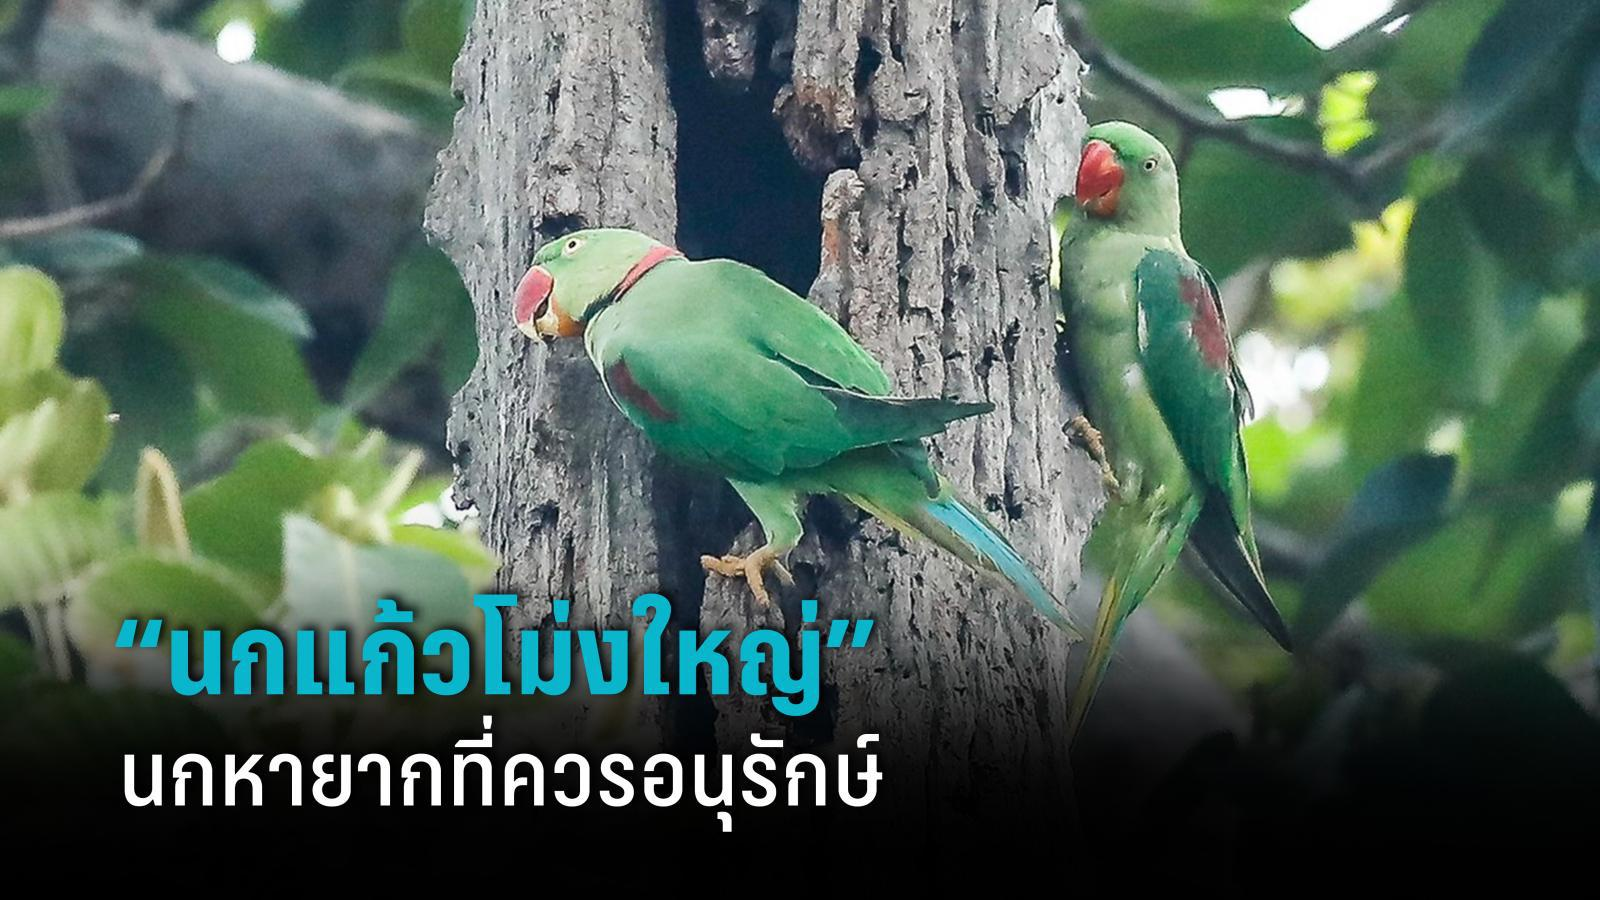 รู้จักนกแก้วโม่ง นกหายากที่คนพื้นที่ควรช่วยกันอนุรักษ์